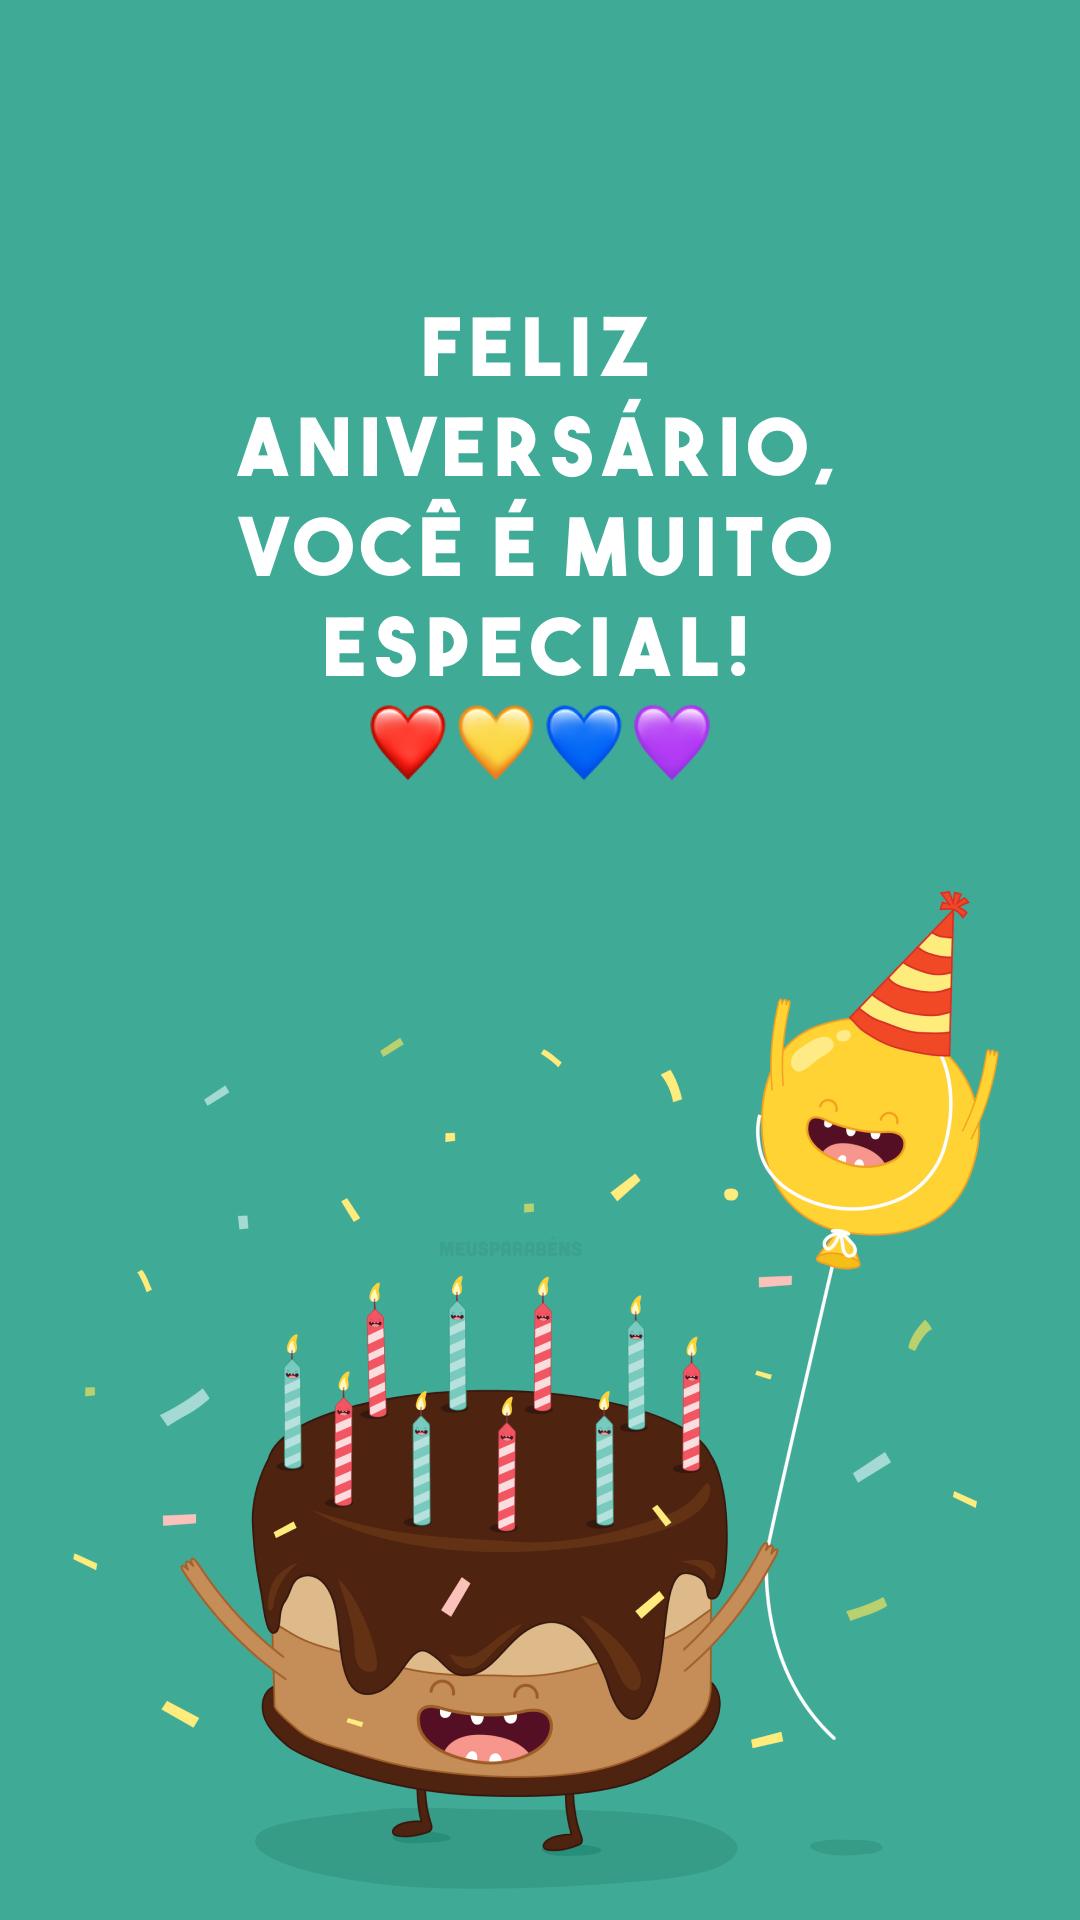 Feliz aniversário, você é muito especial! ❤💛💙💜